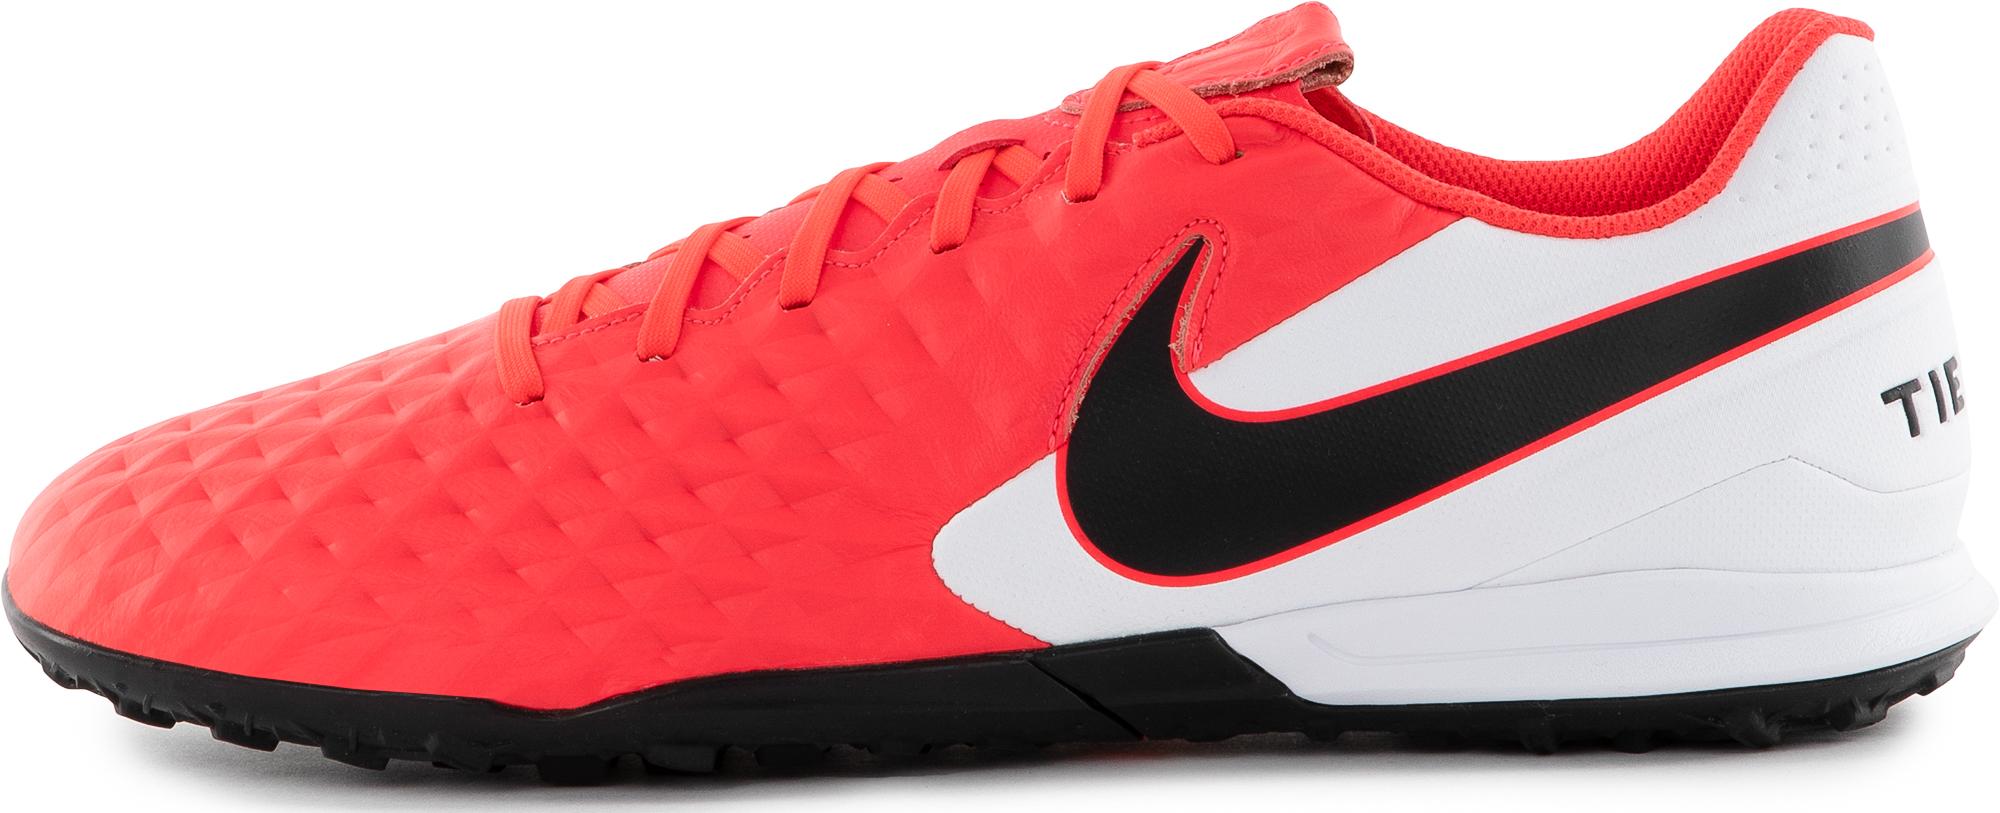 Бутсы мужские Nike Legend 8 Academy Tf, размер 41 nike бутсы мужские nike legend 8 pro tf размер 40